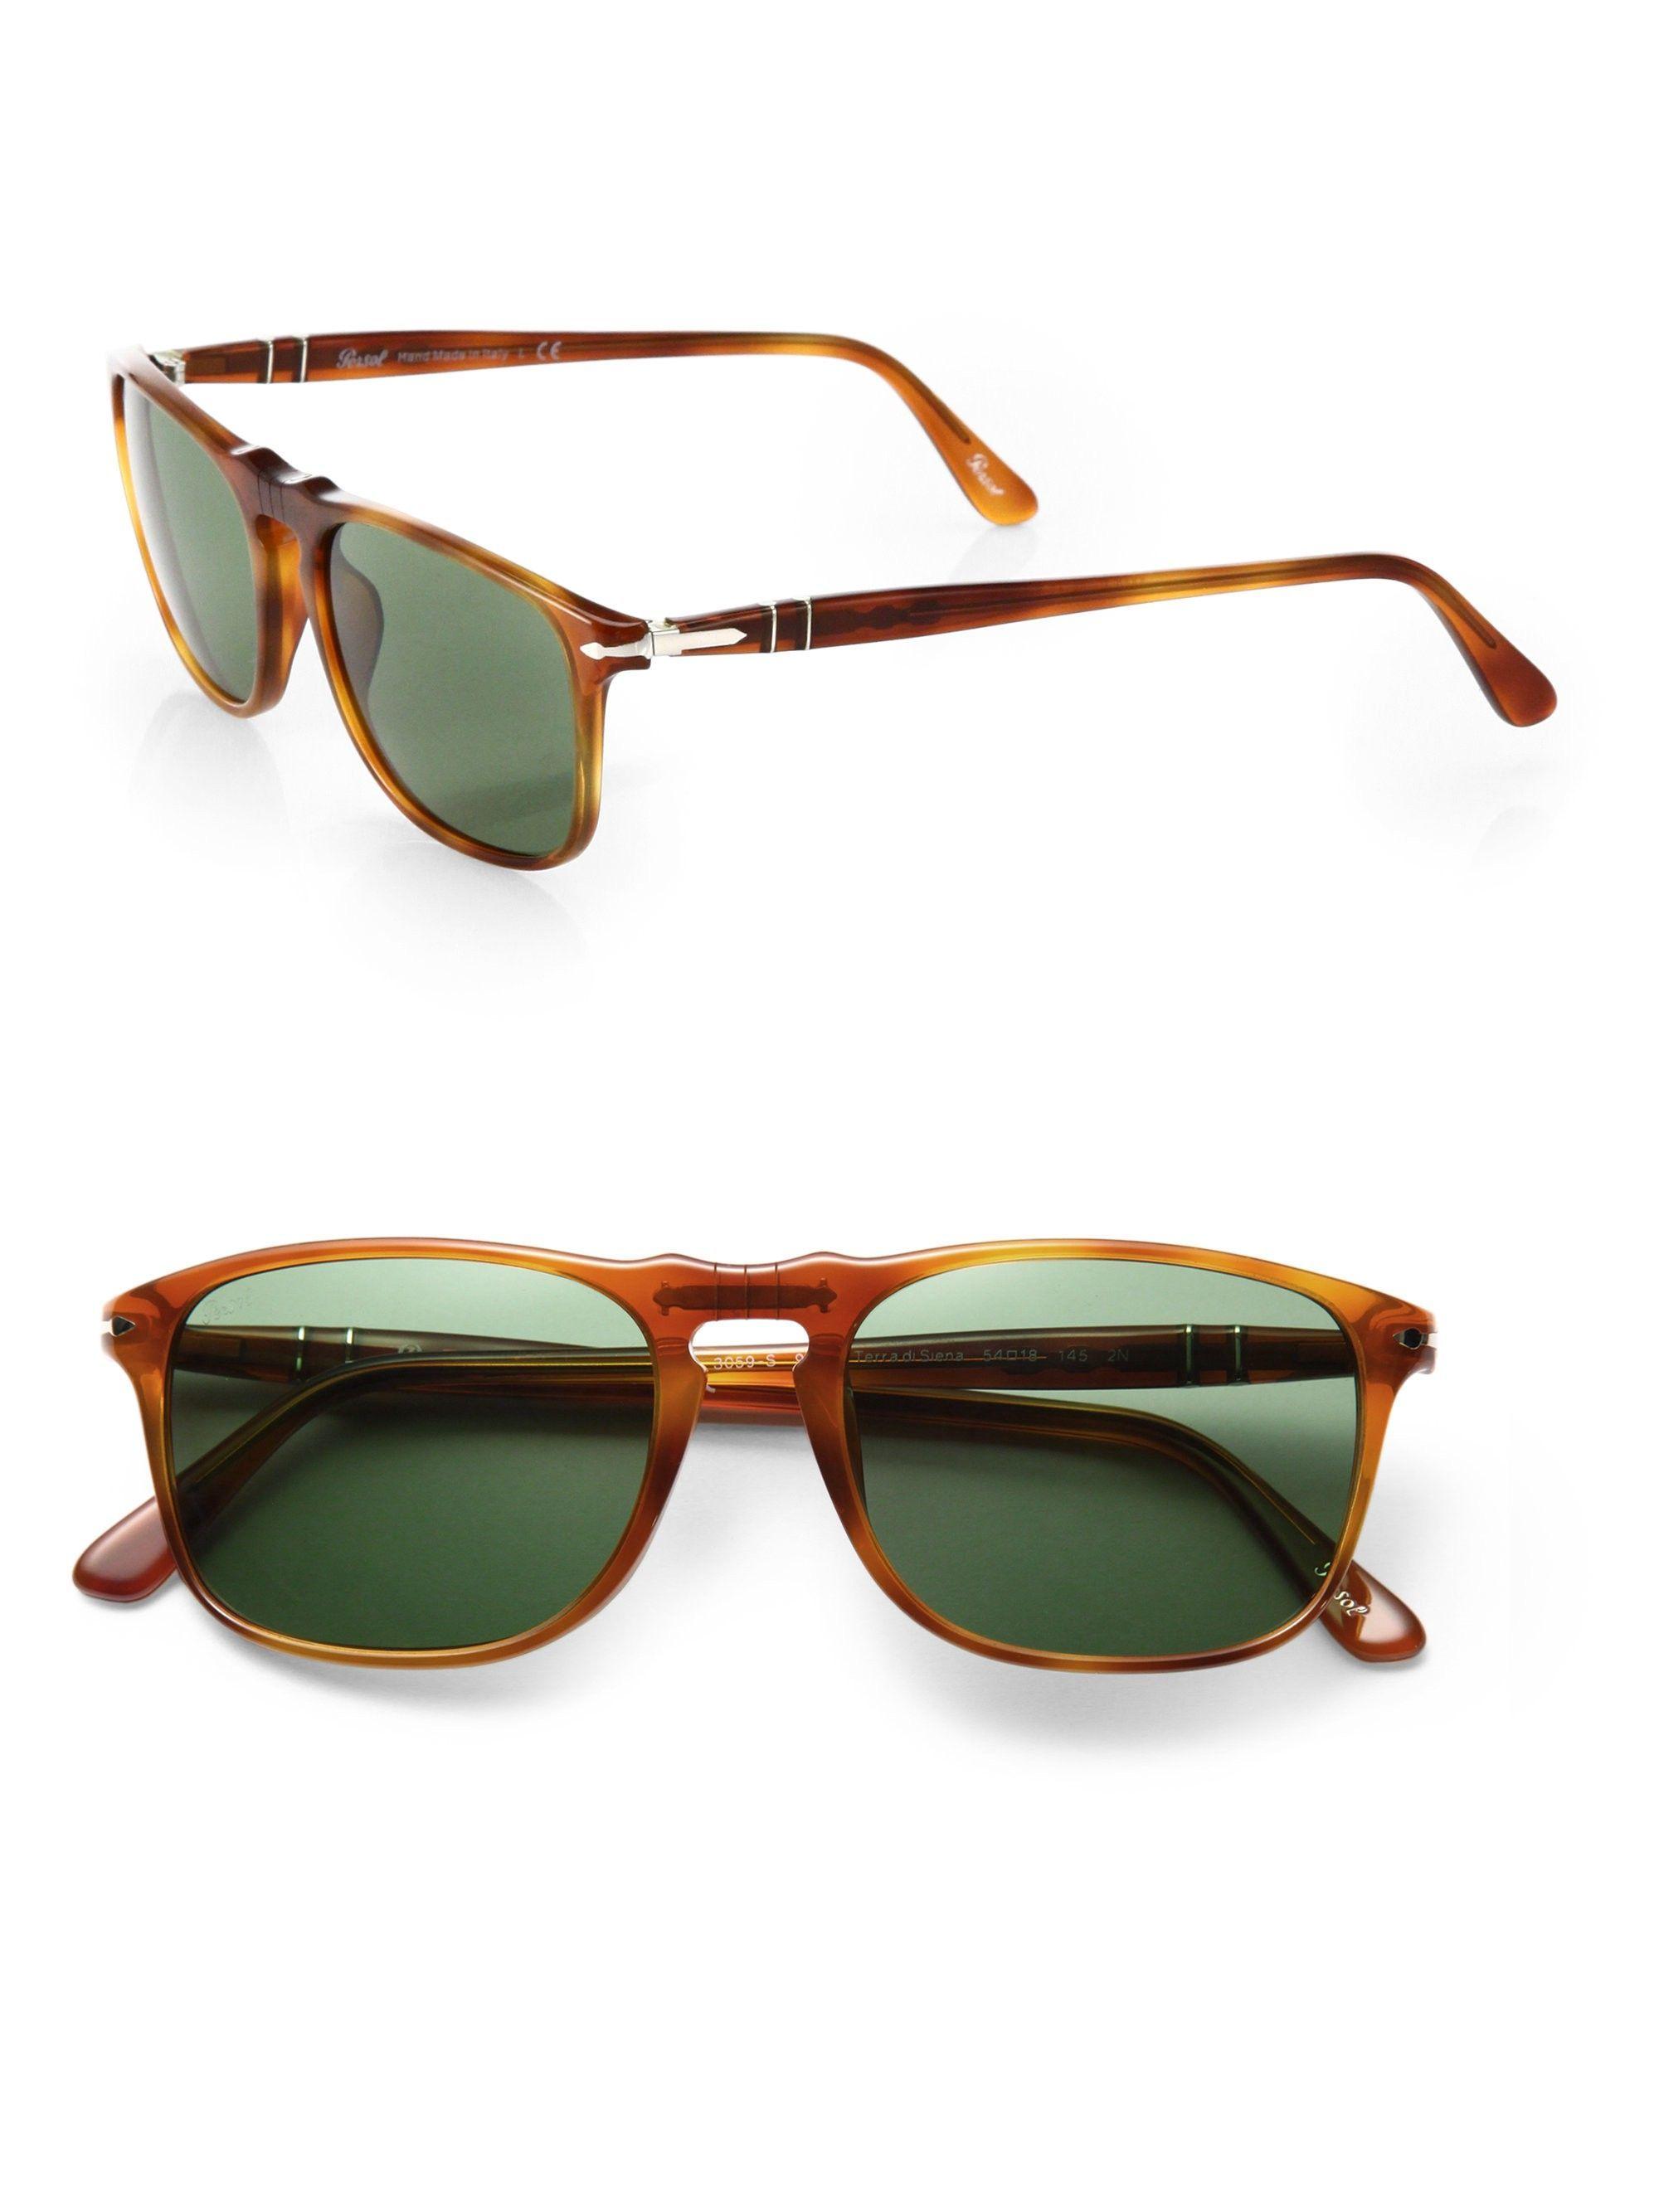 1372da6d2a9950 Persol Suprema 54Mm Square Sunglasses - Light-Brown   Sunglasses For ...